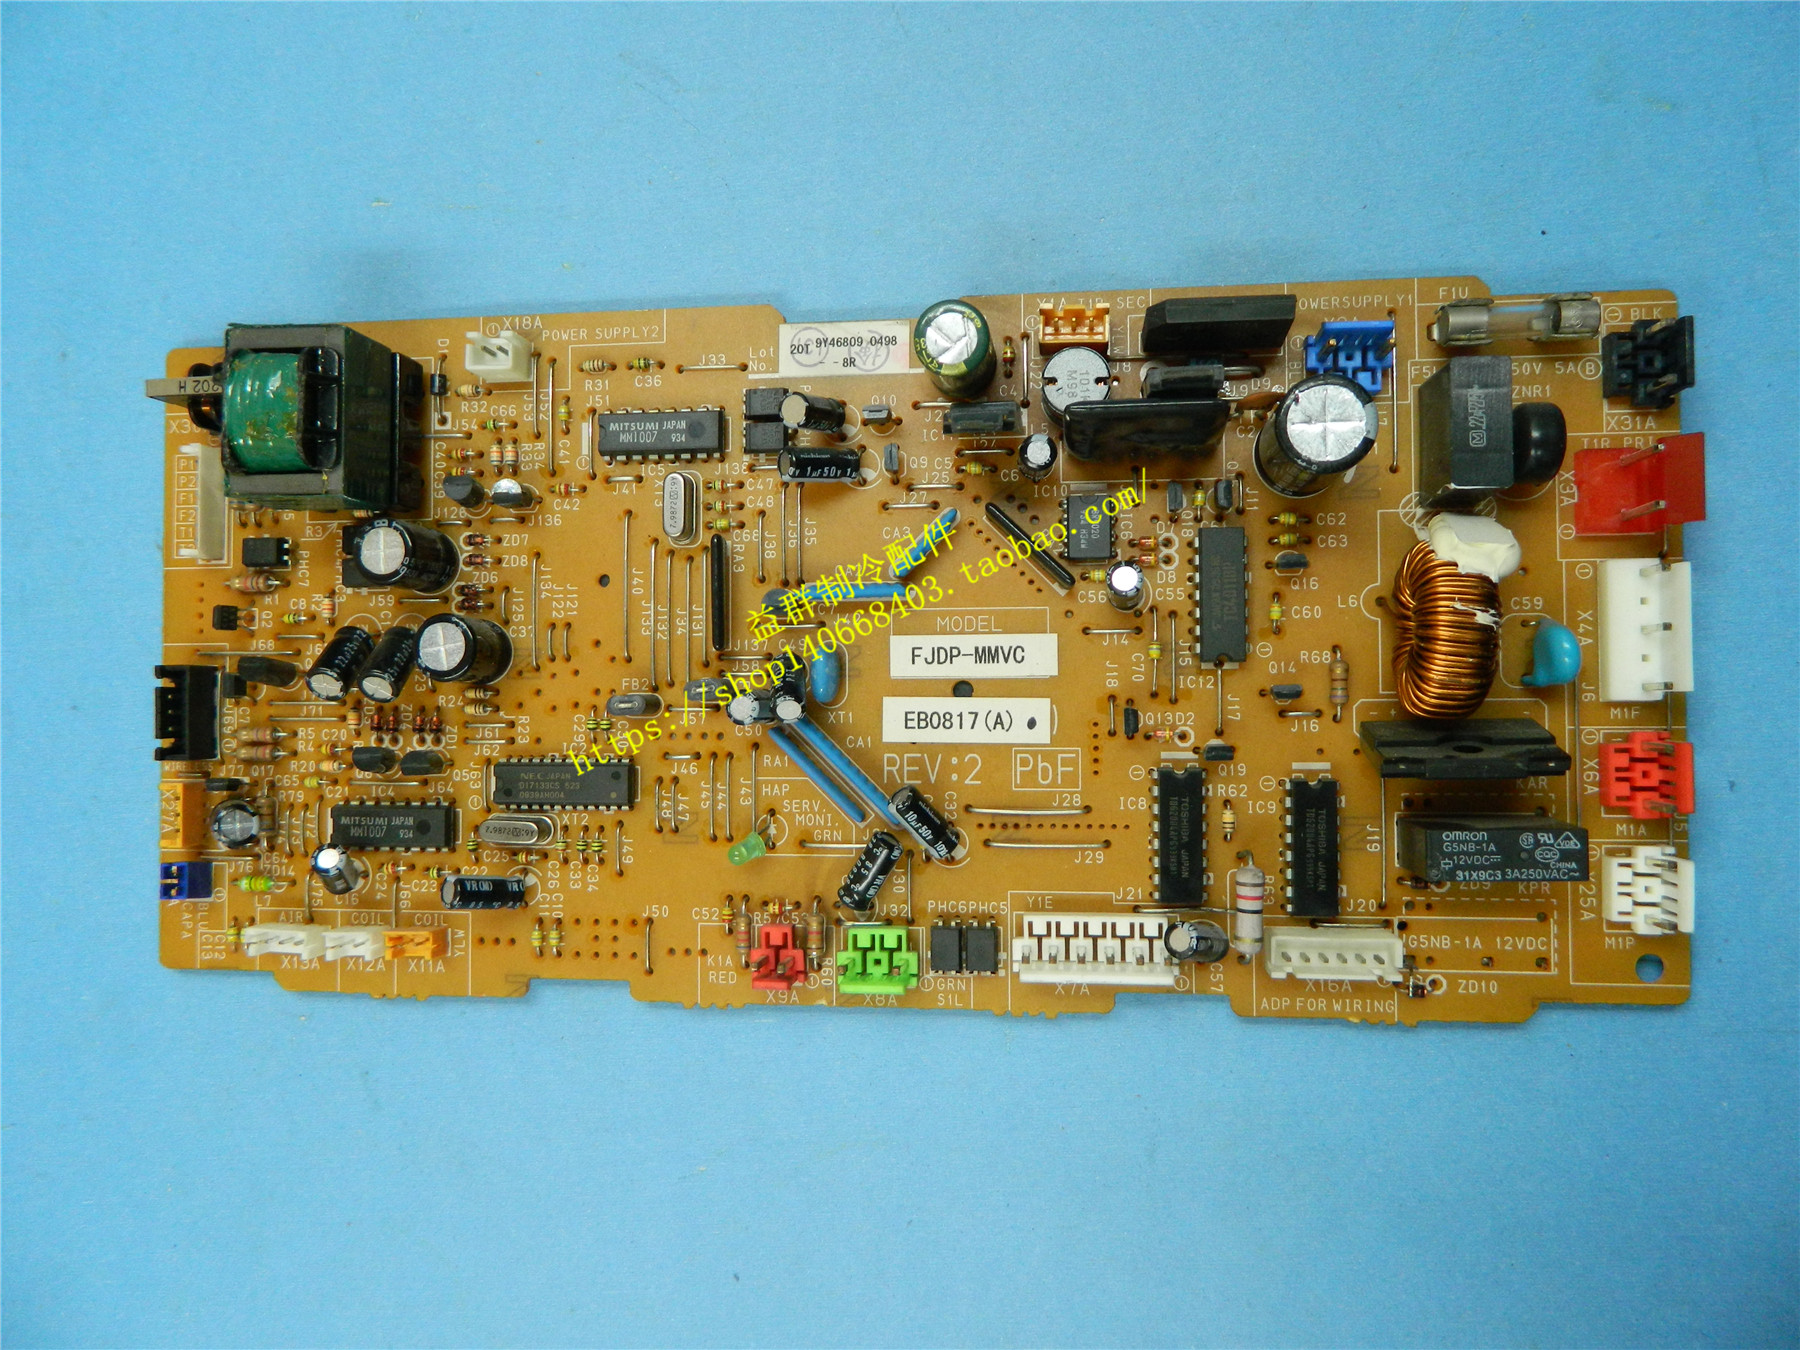 Daikin klimaanlagen passend dünne Luft - mainboard - EB0817 (a)